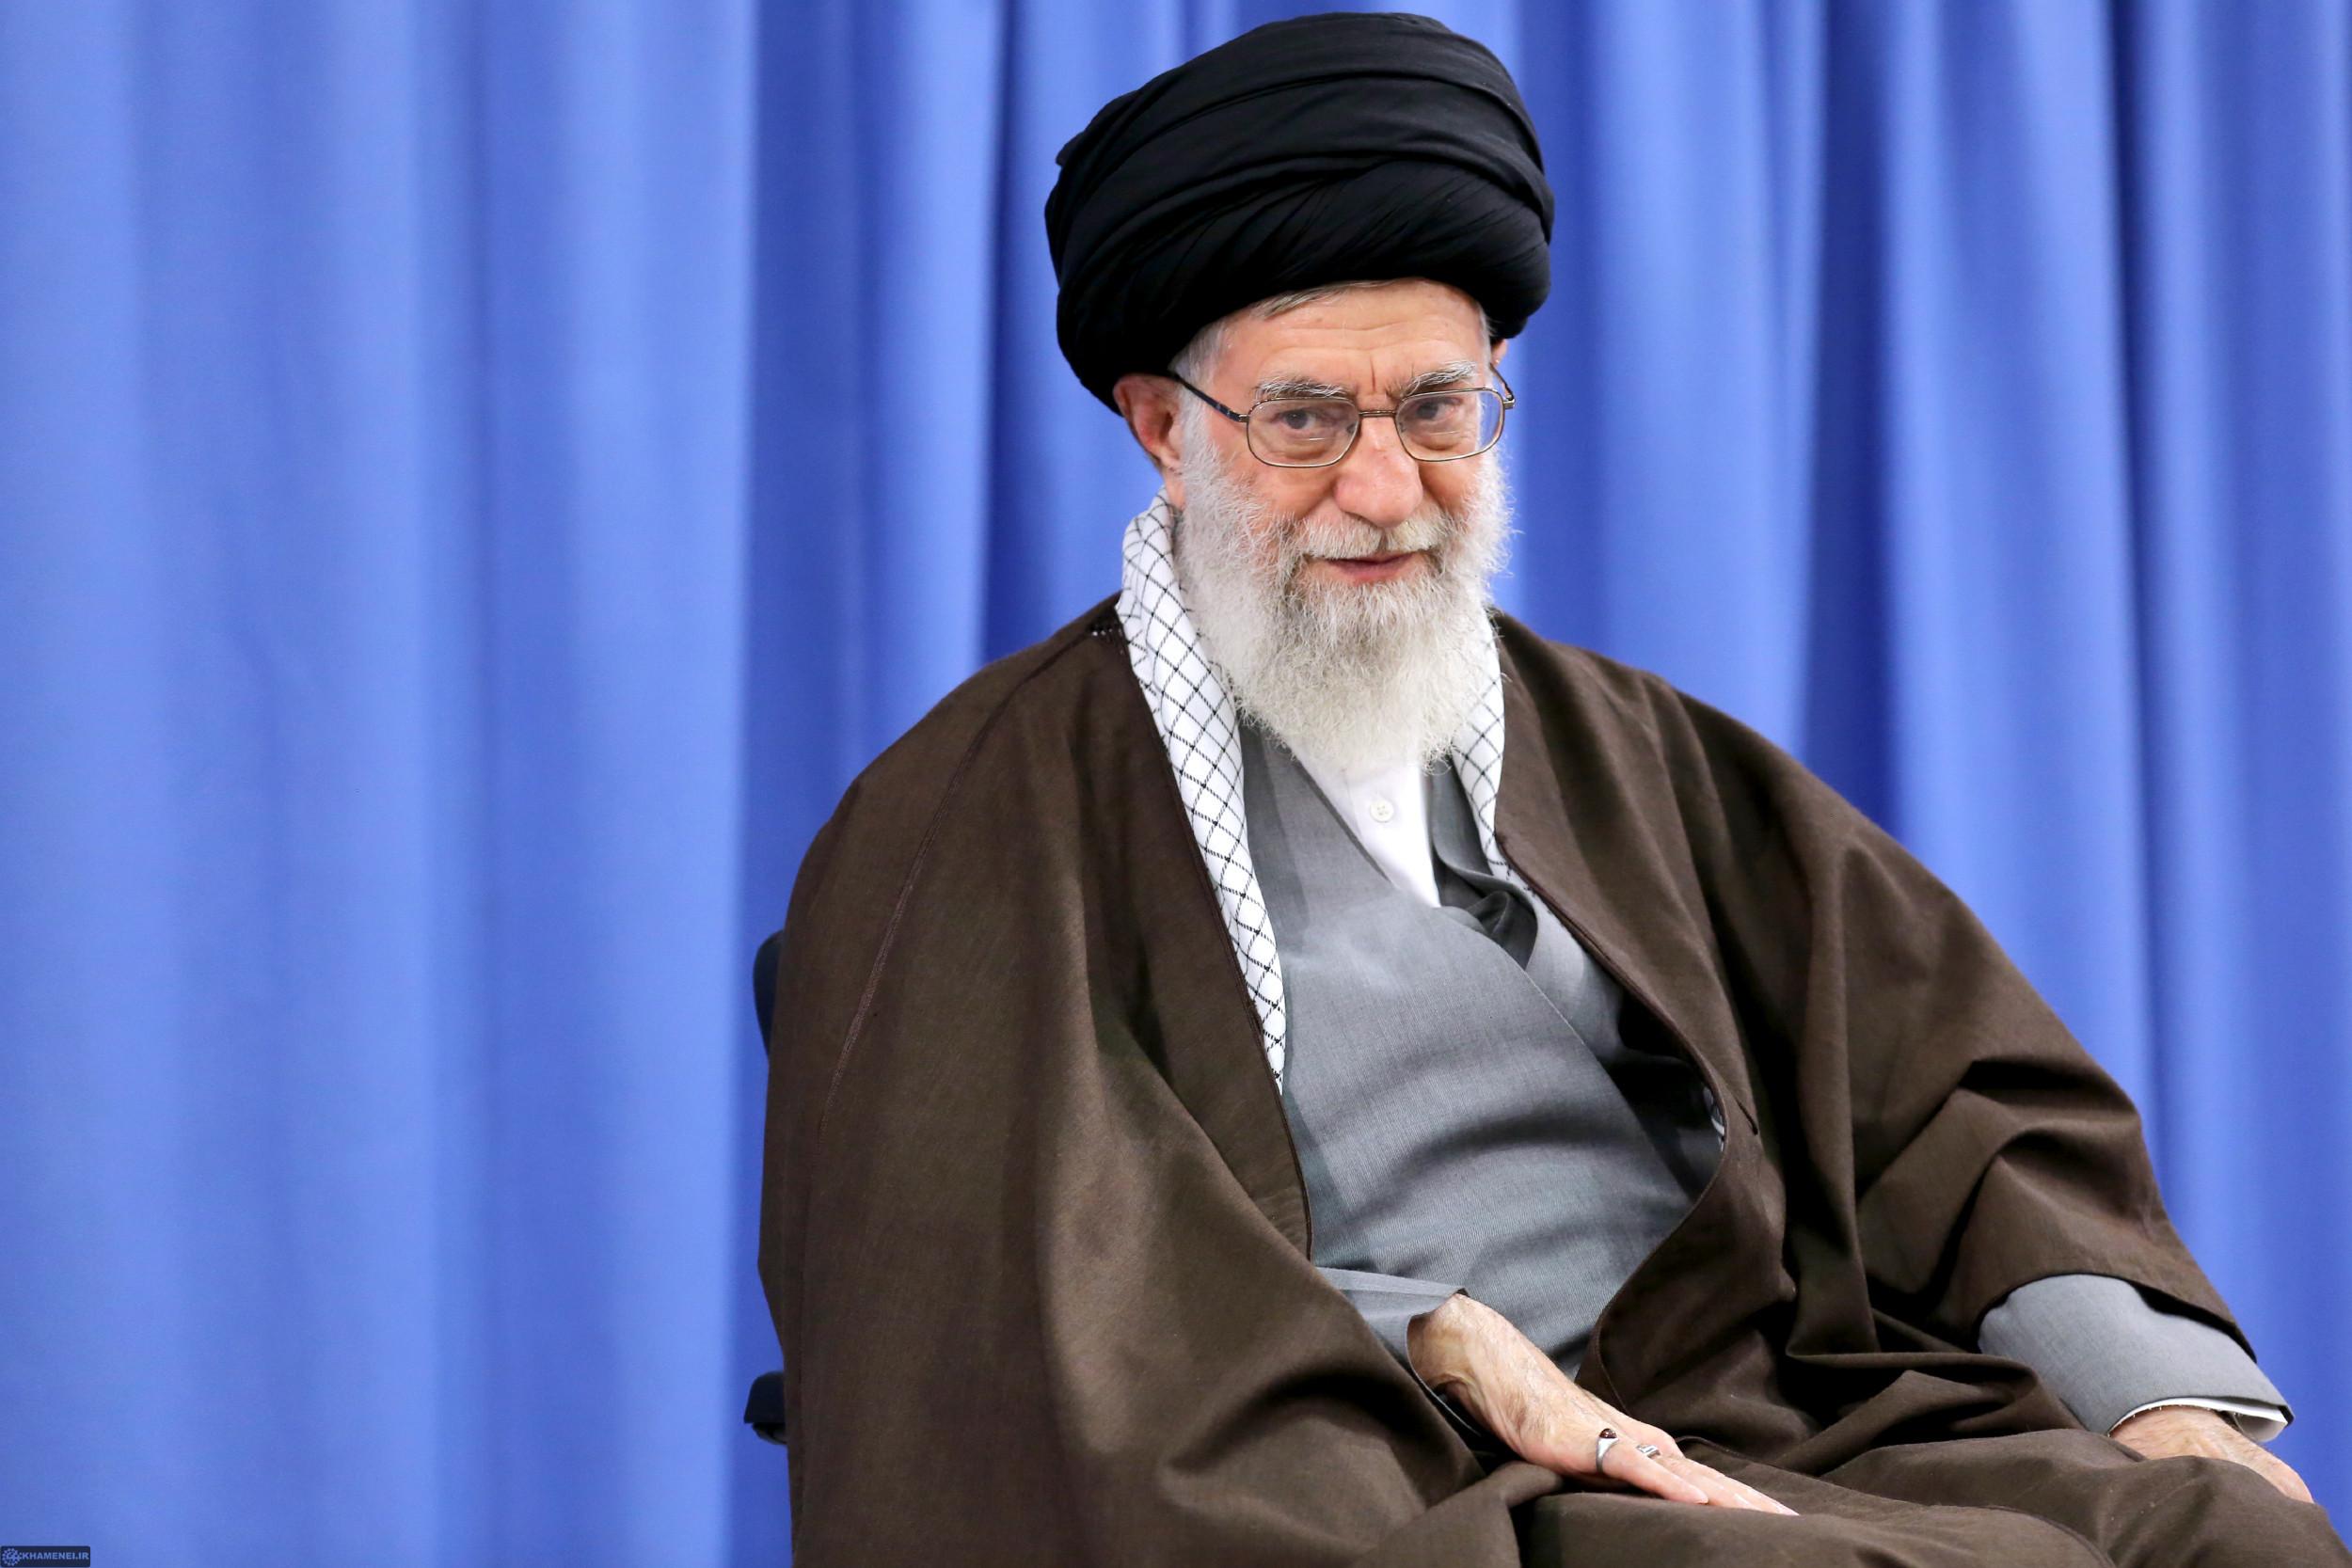 تبیین سه مسئولیت مهم روحانیت/ روحانیون باید مسلح و آماده، وارد عرصه مقابله با شبهات و تفکرات غلط و انحرافی شوند